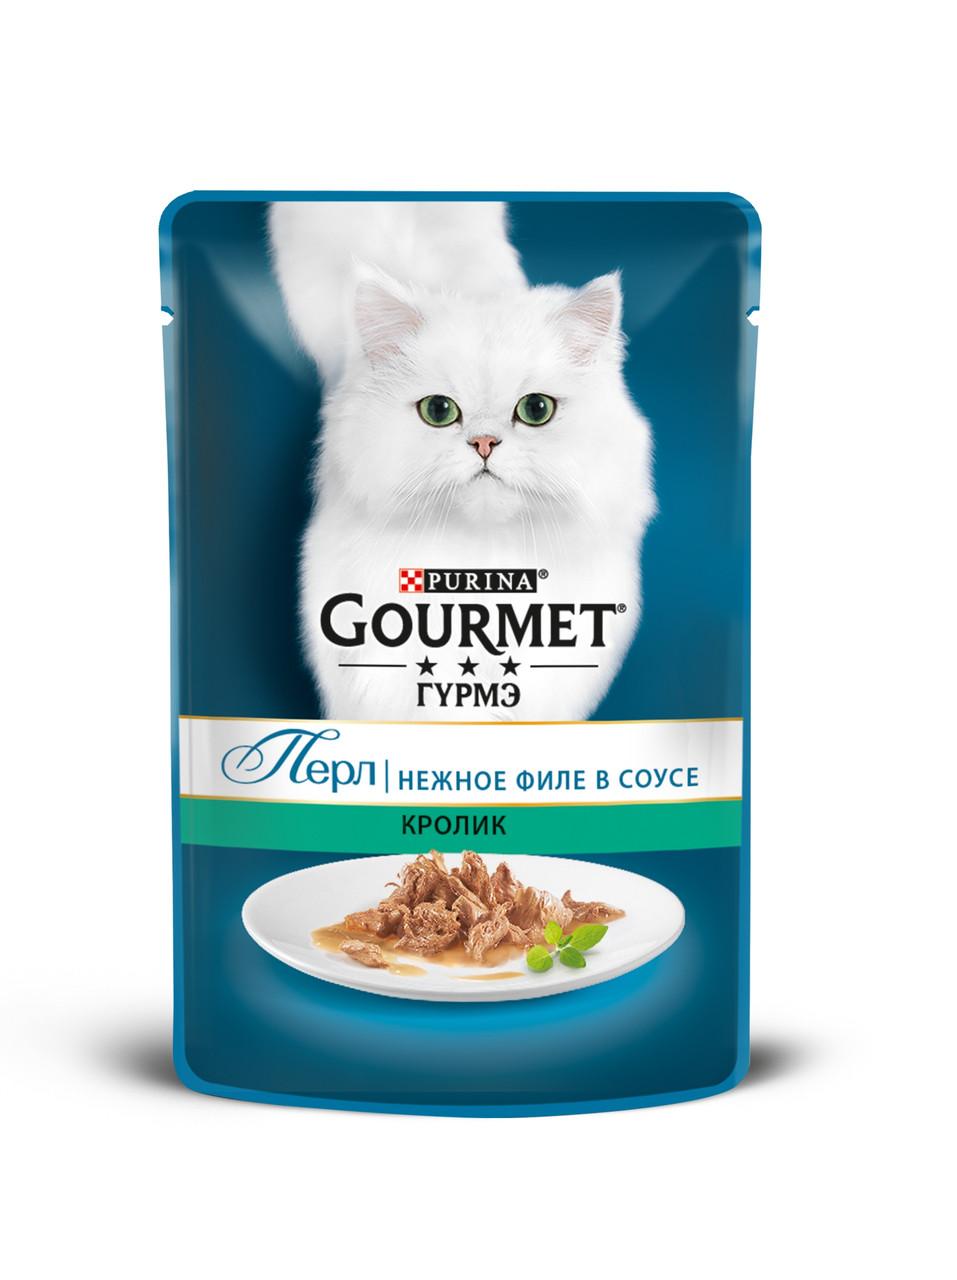 Gourmet Perle Влажный корм для кошек со вкусом Кролик в соусе